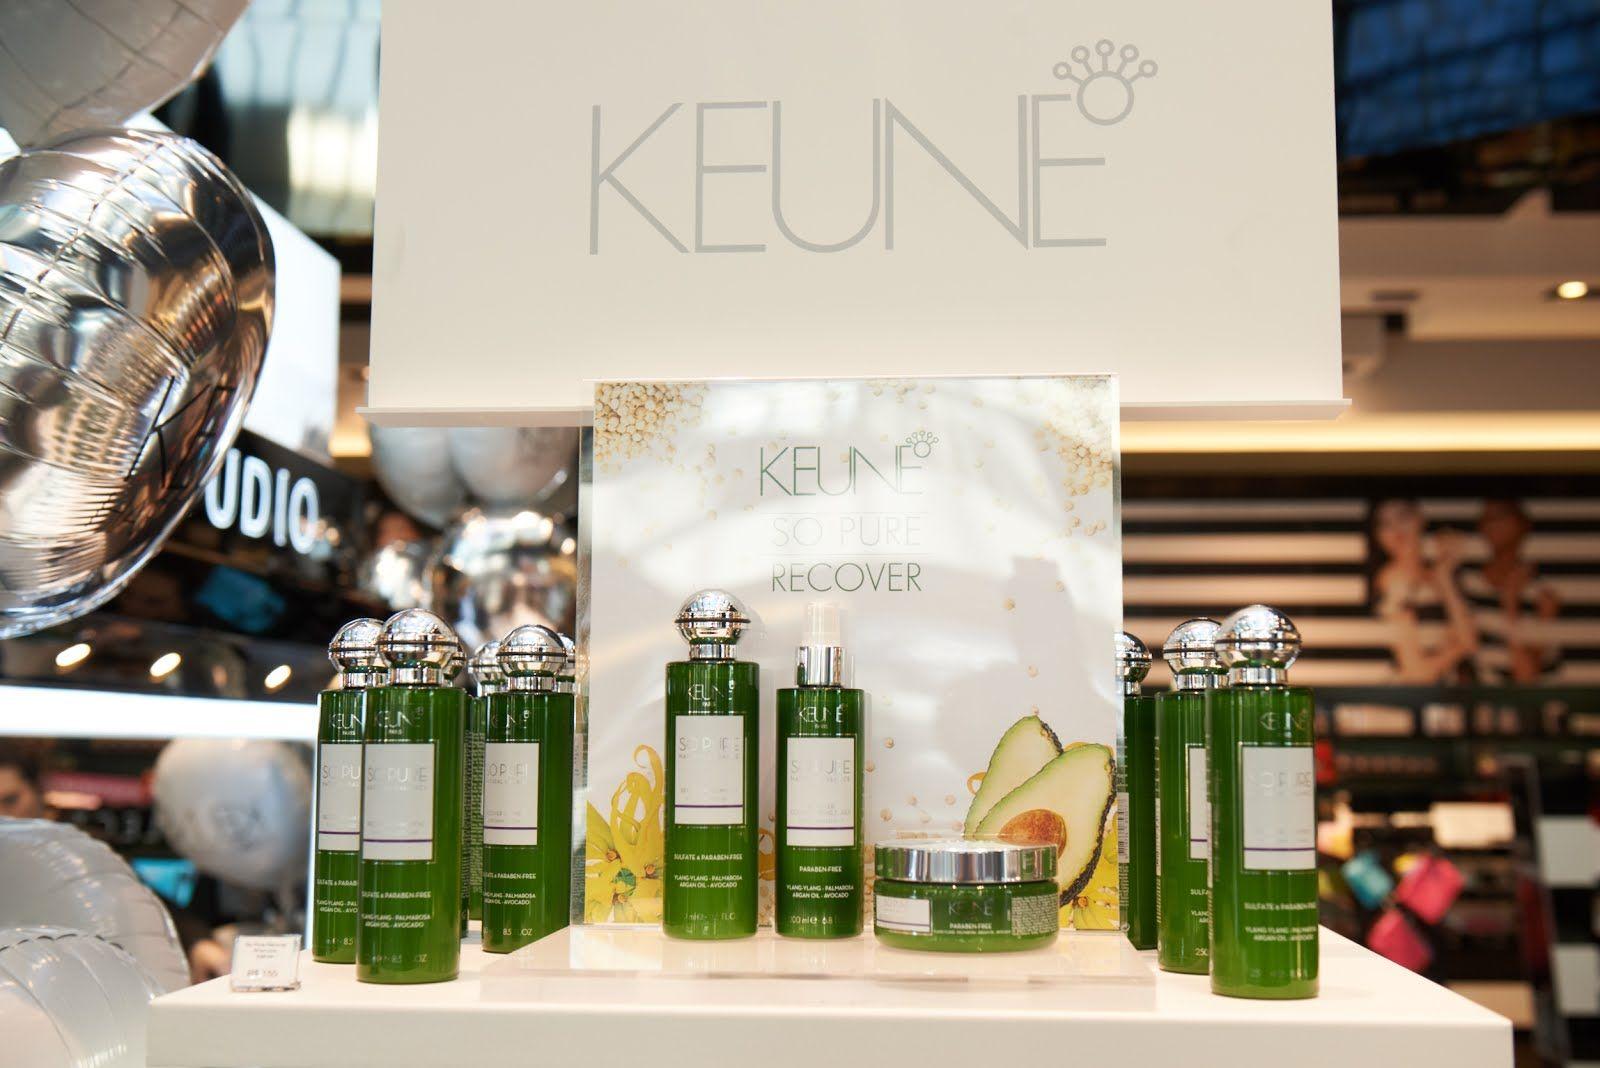 Estilo Modas e Manias: Keune lança a linha SO PURE RECOVER 100% natural